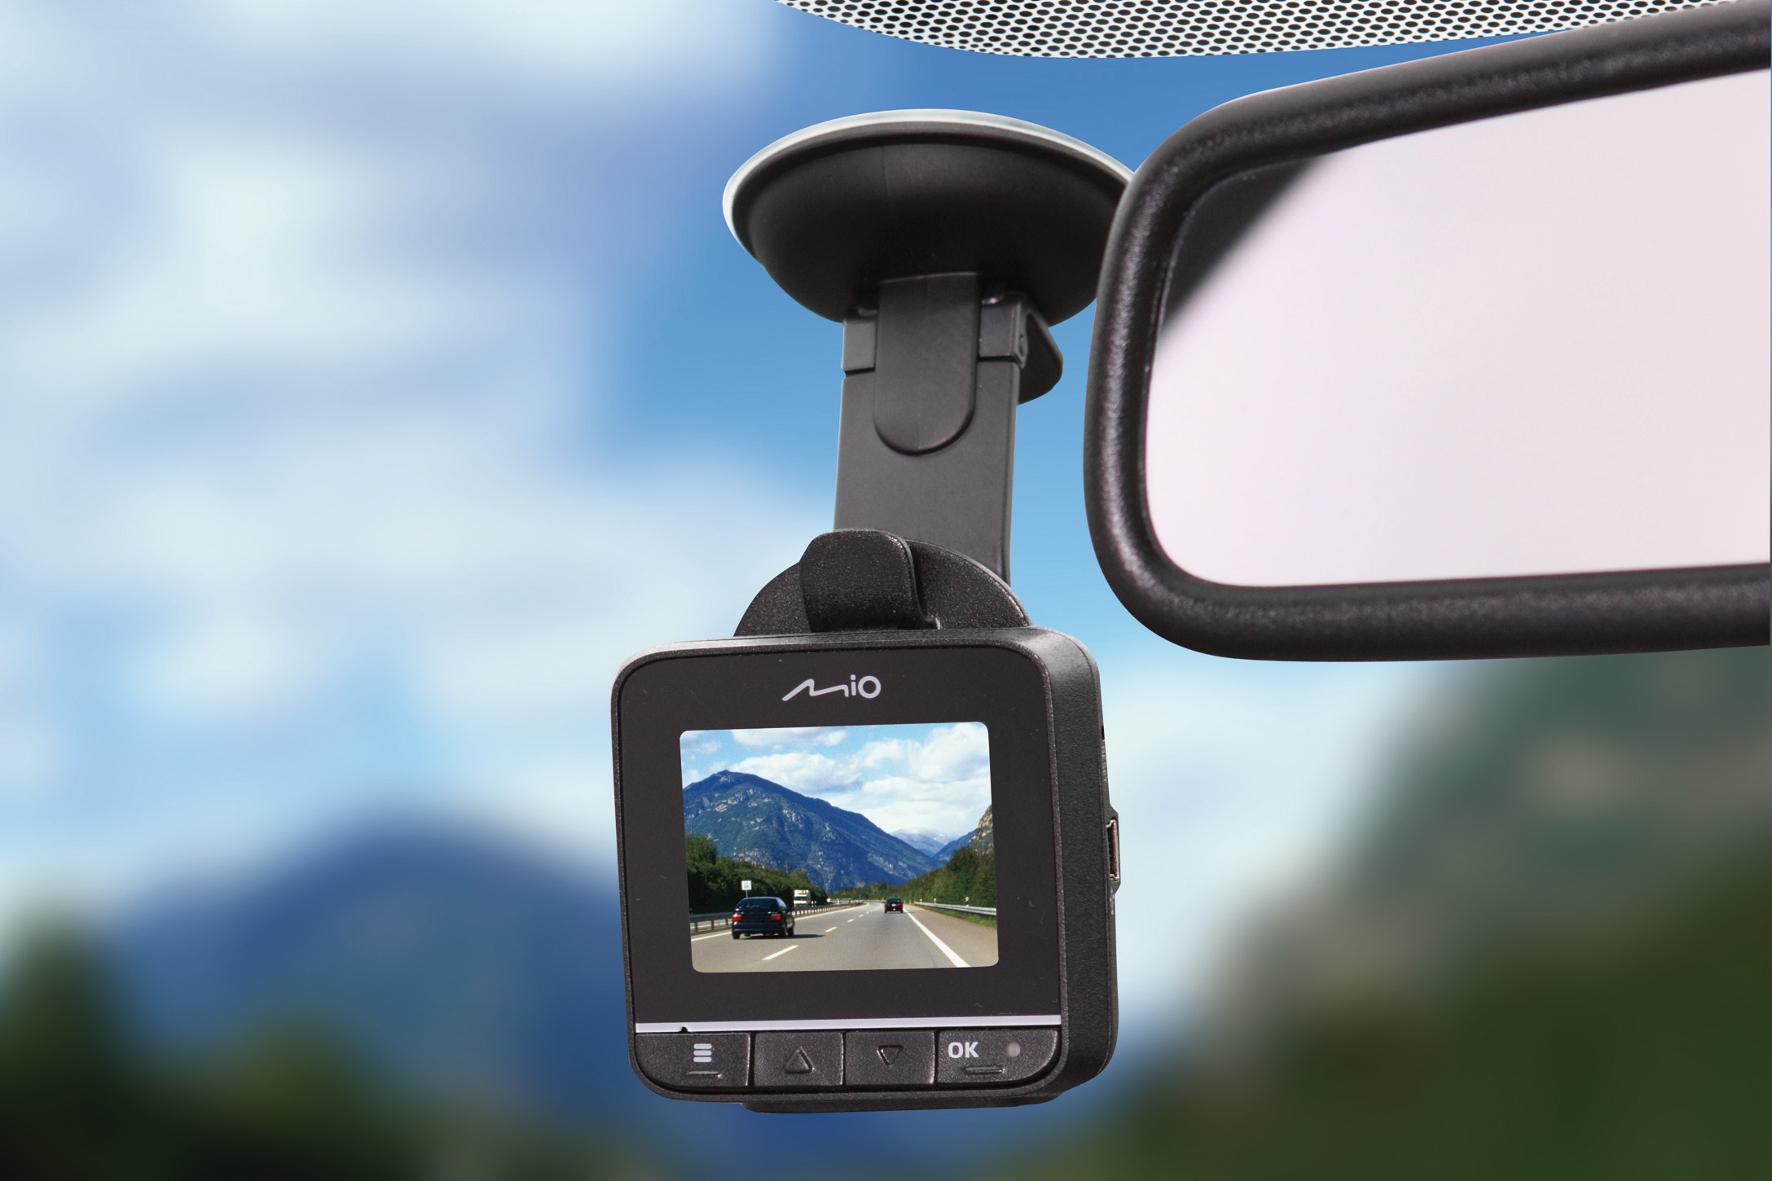 Kameras im Auto für unzulässig erklärt